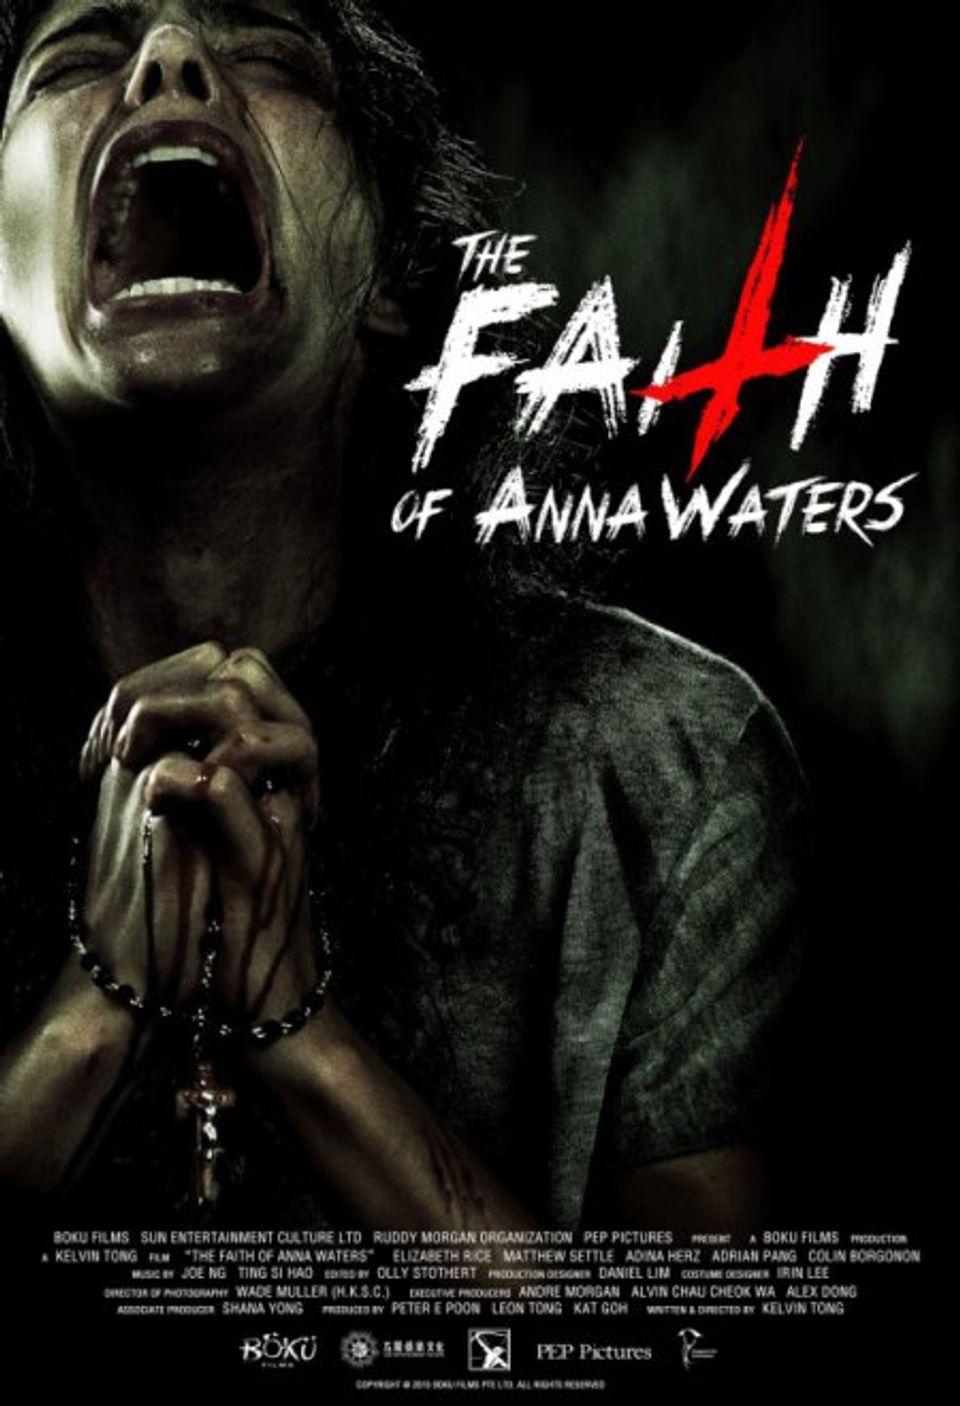 """ภ.ฝรั่ง """"แอนนา วอร์เทอร์ส กำเนิดอำมหิต"""" (THE FAITH OF ANNA WATERS)"""